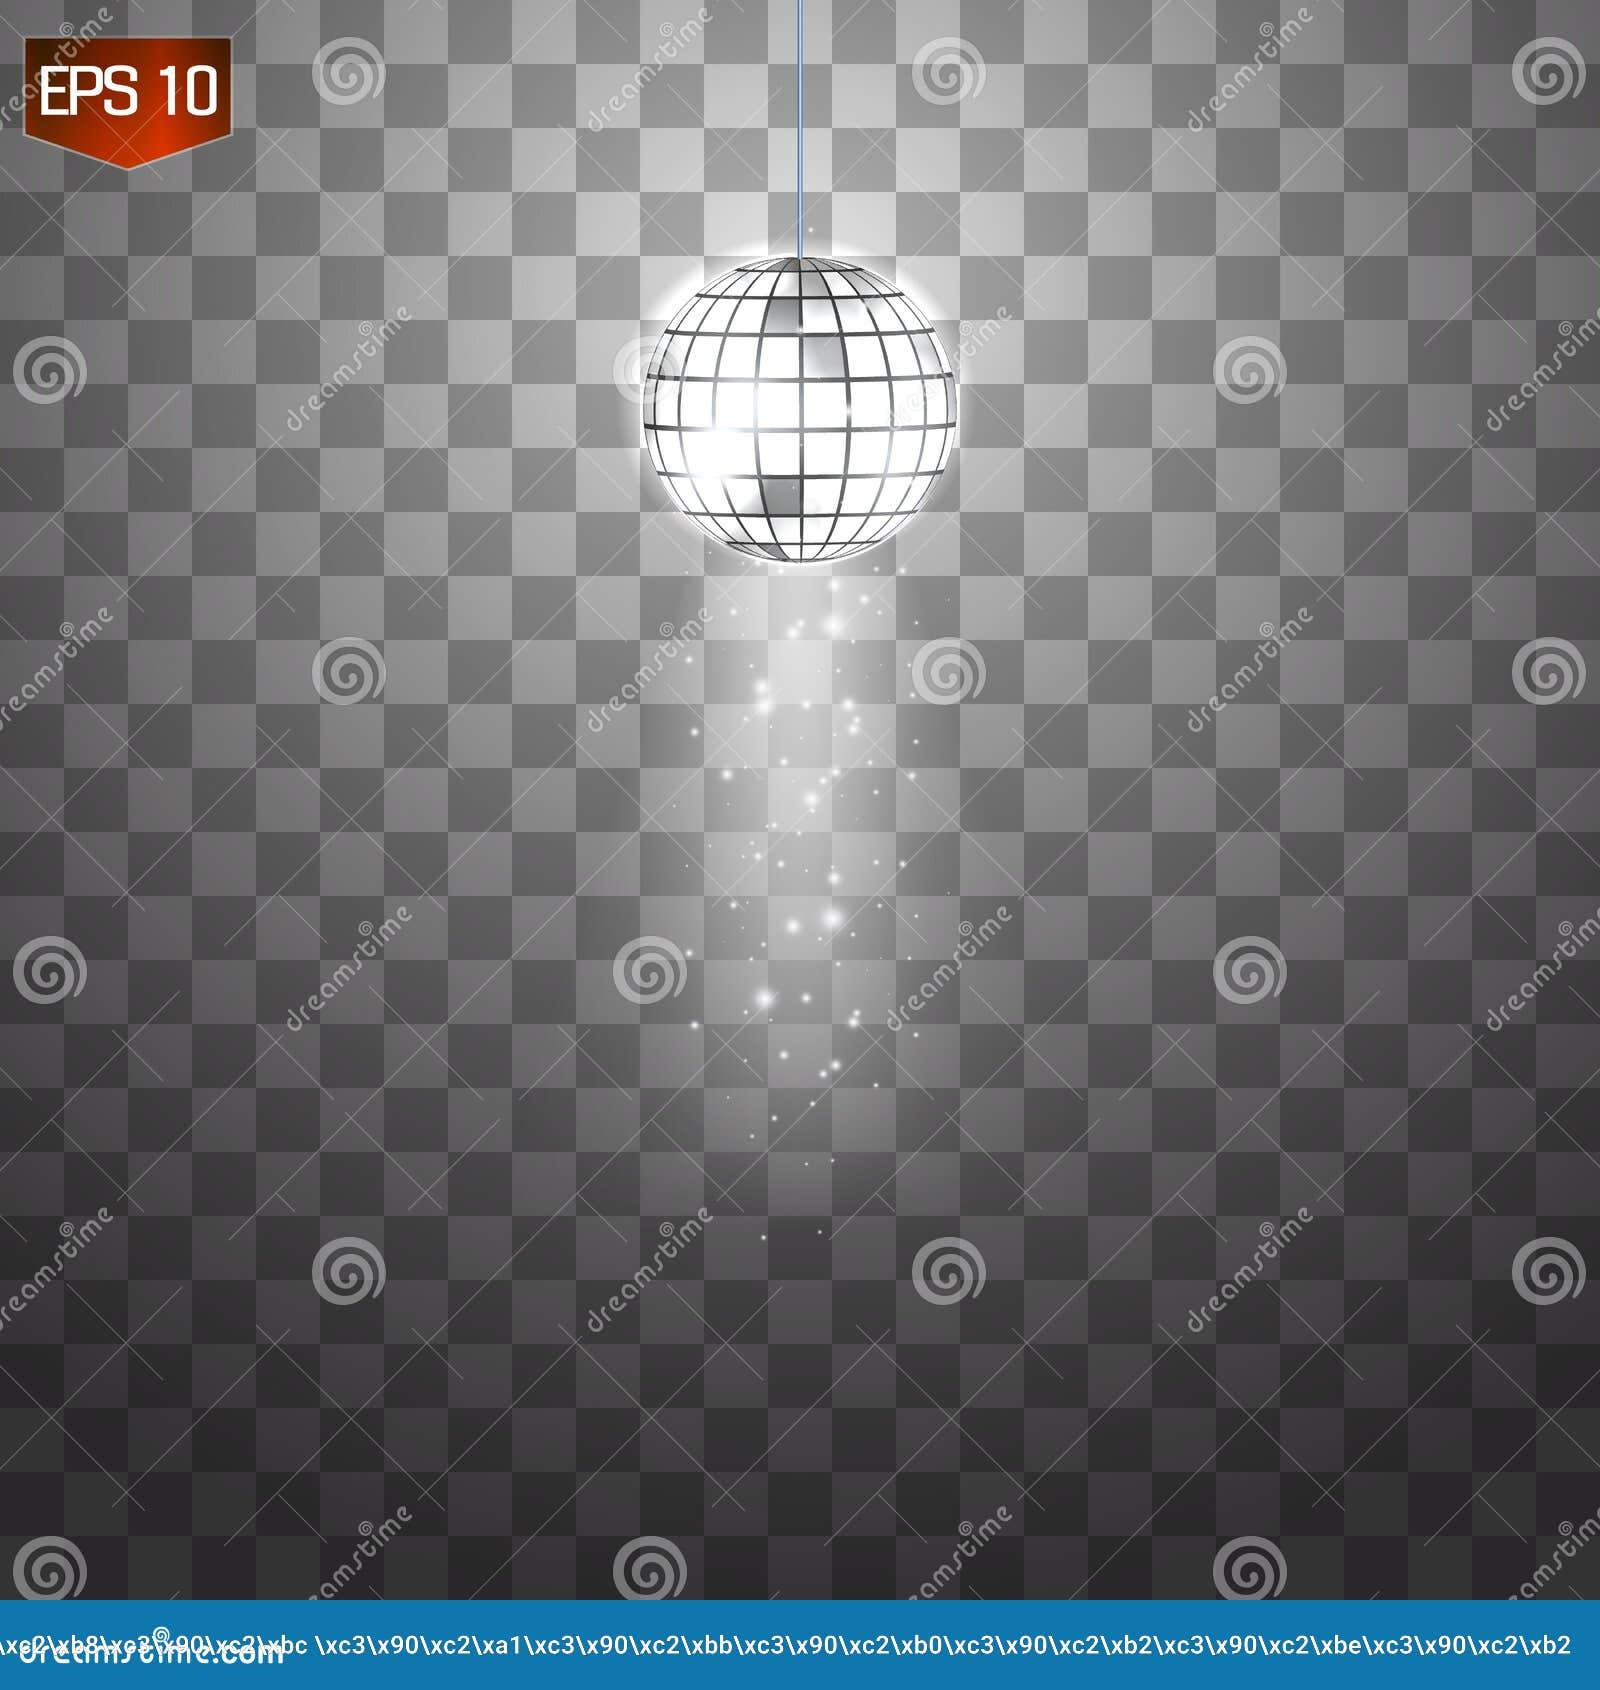 Retro silver disco ball vector, shining club symbol of having fun, dancing, dj mixing, nostalgic party, entertainment.